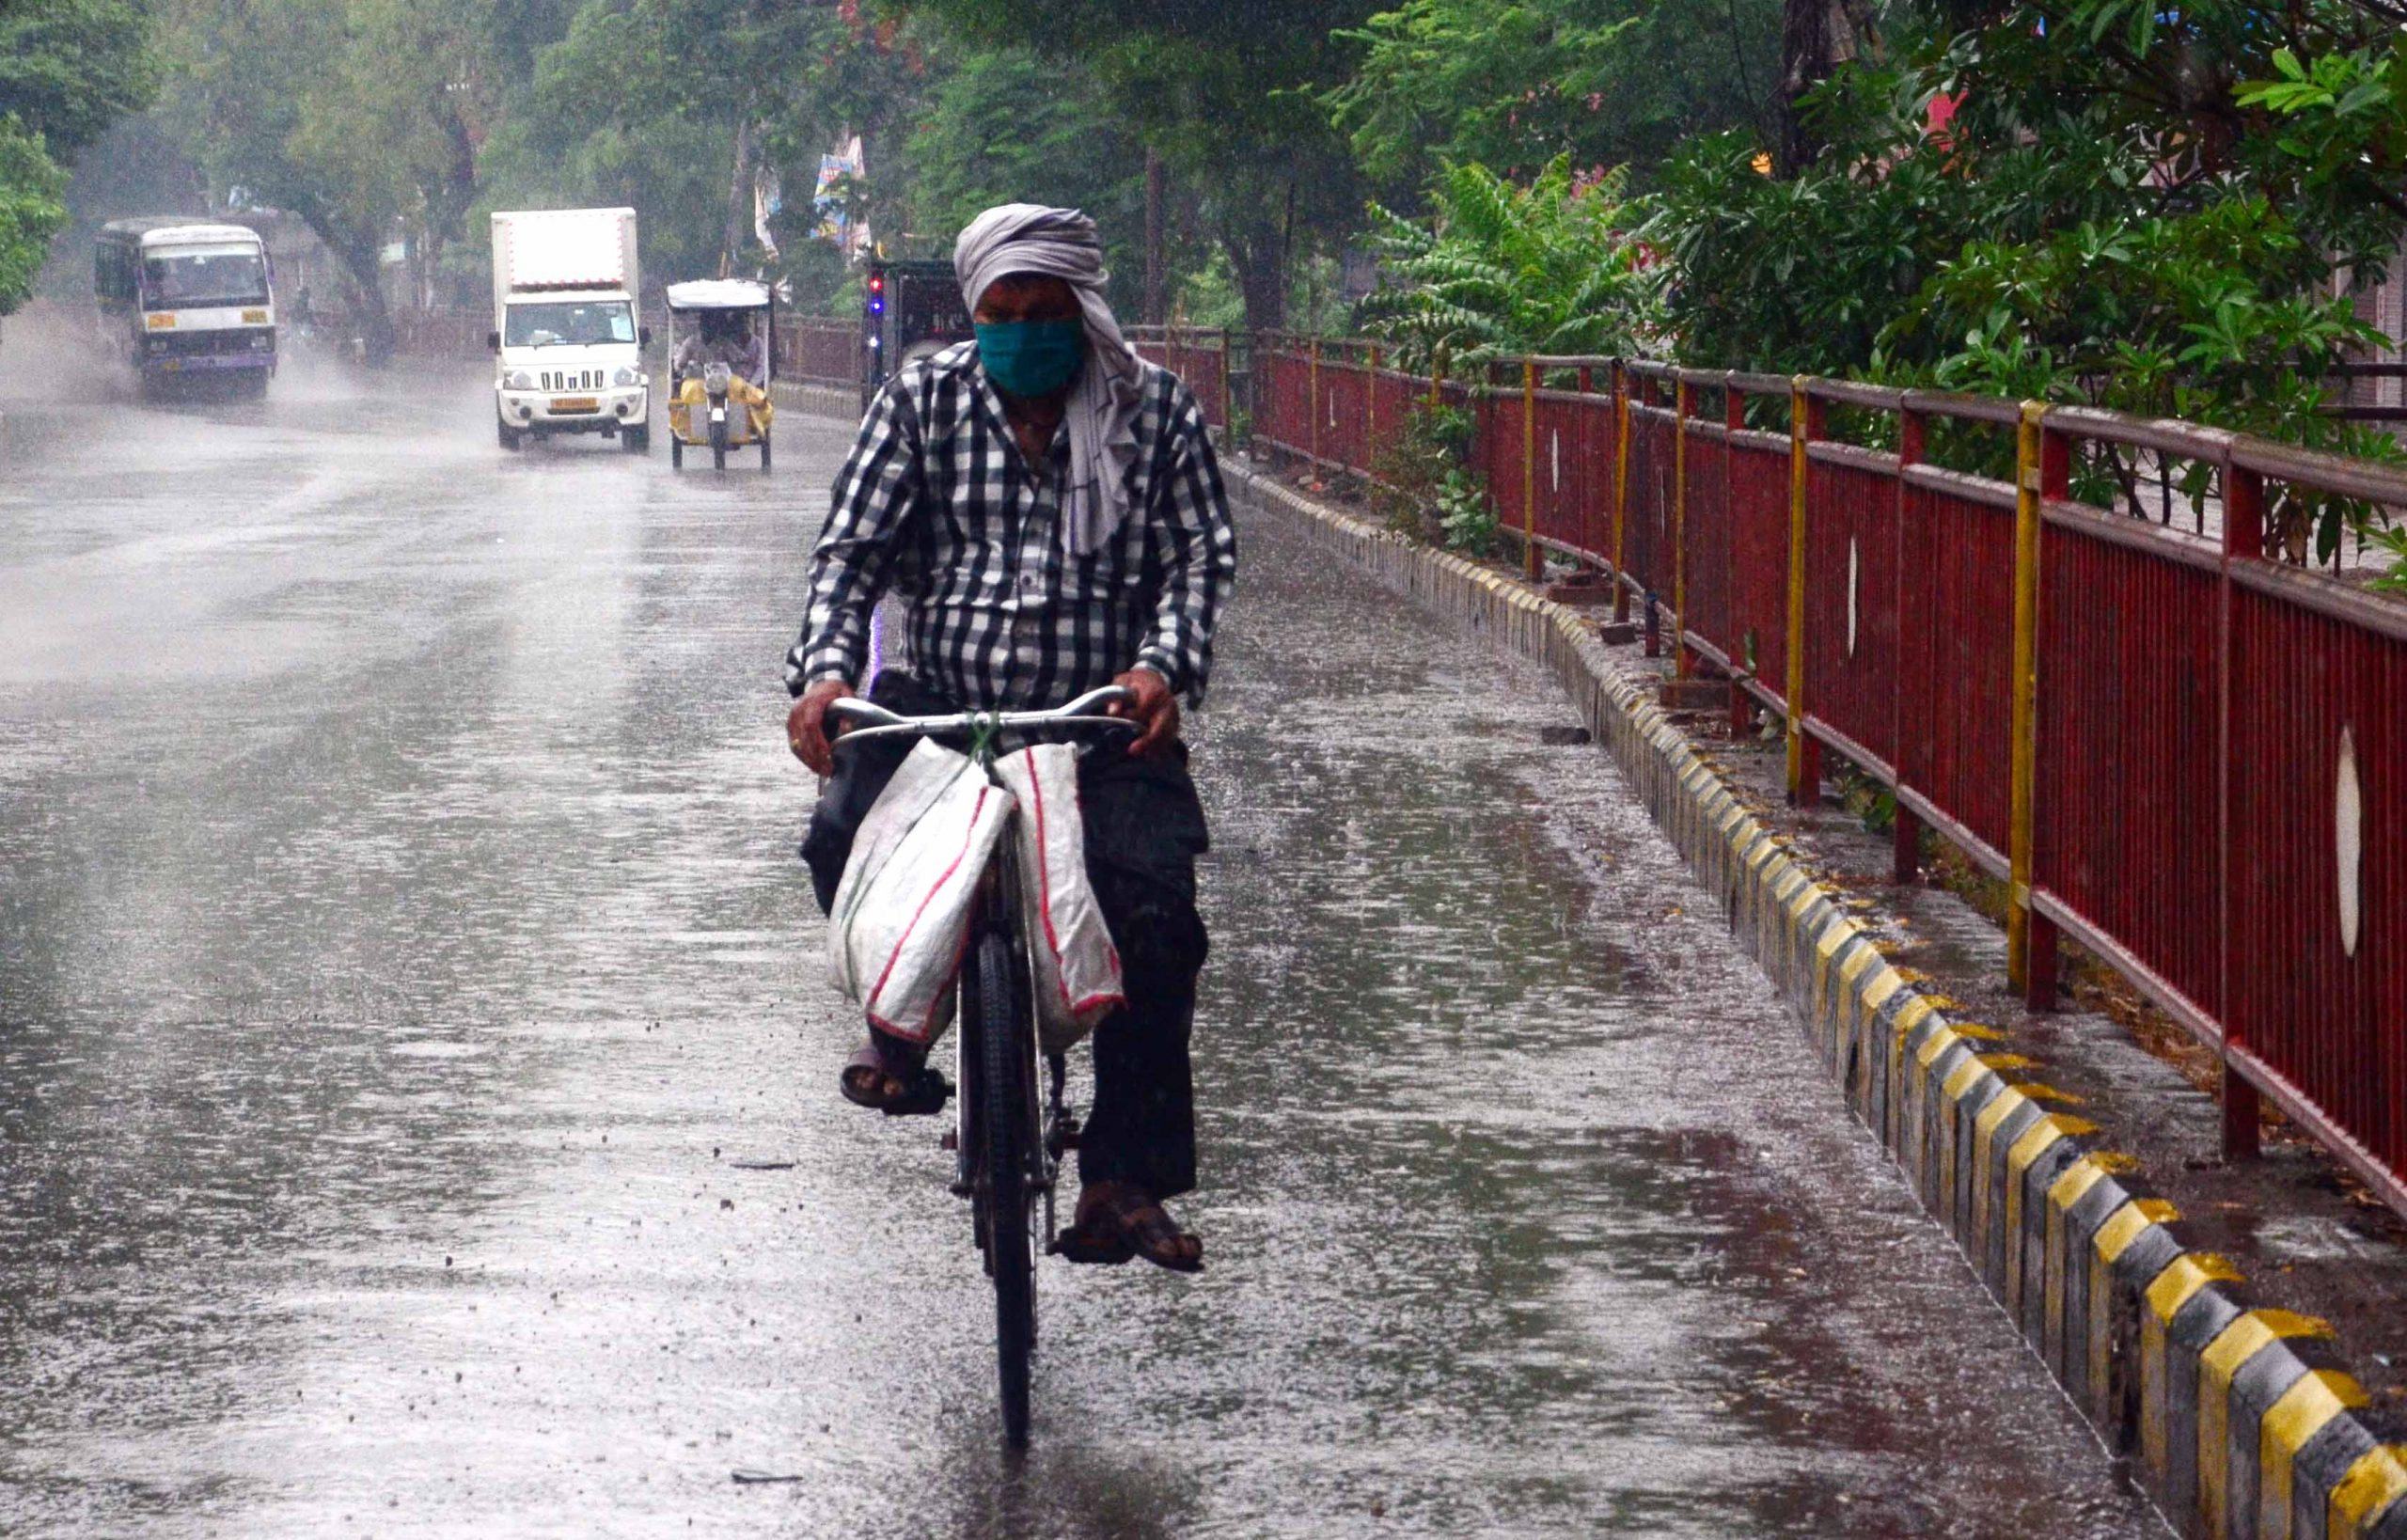 Un home circula amb bicicleta per una carretera a l'Índia / EP